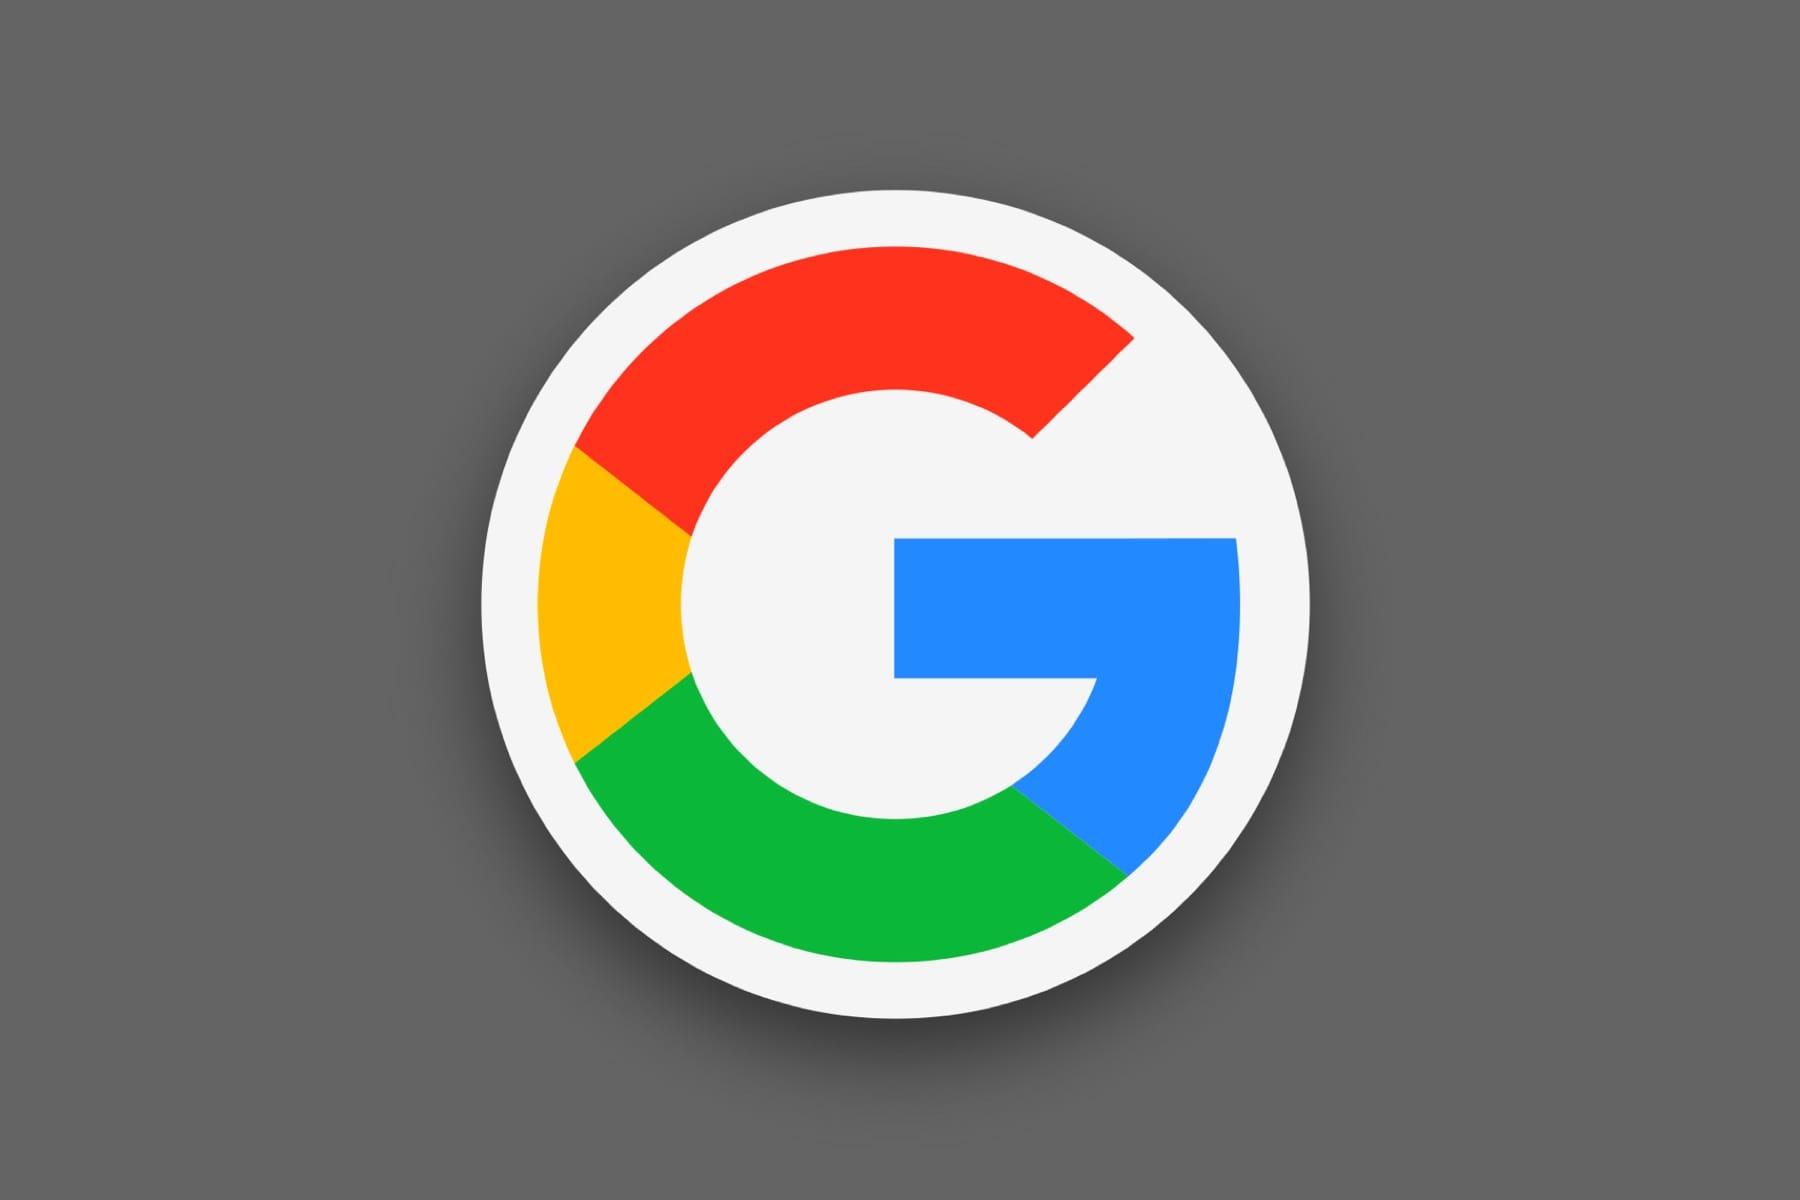 Google представила новейшую ОС андроид Things: основные особенности новинки